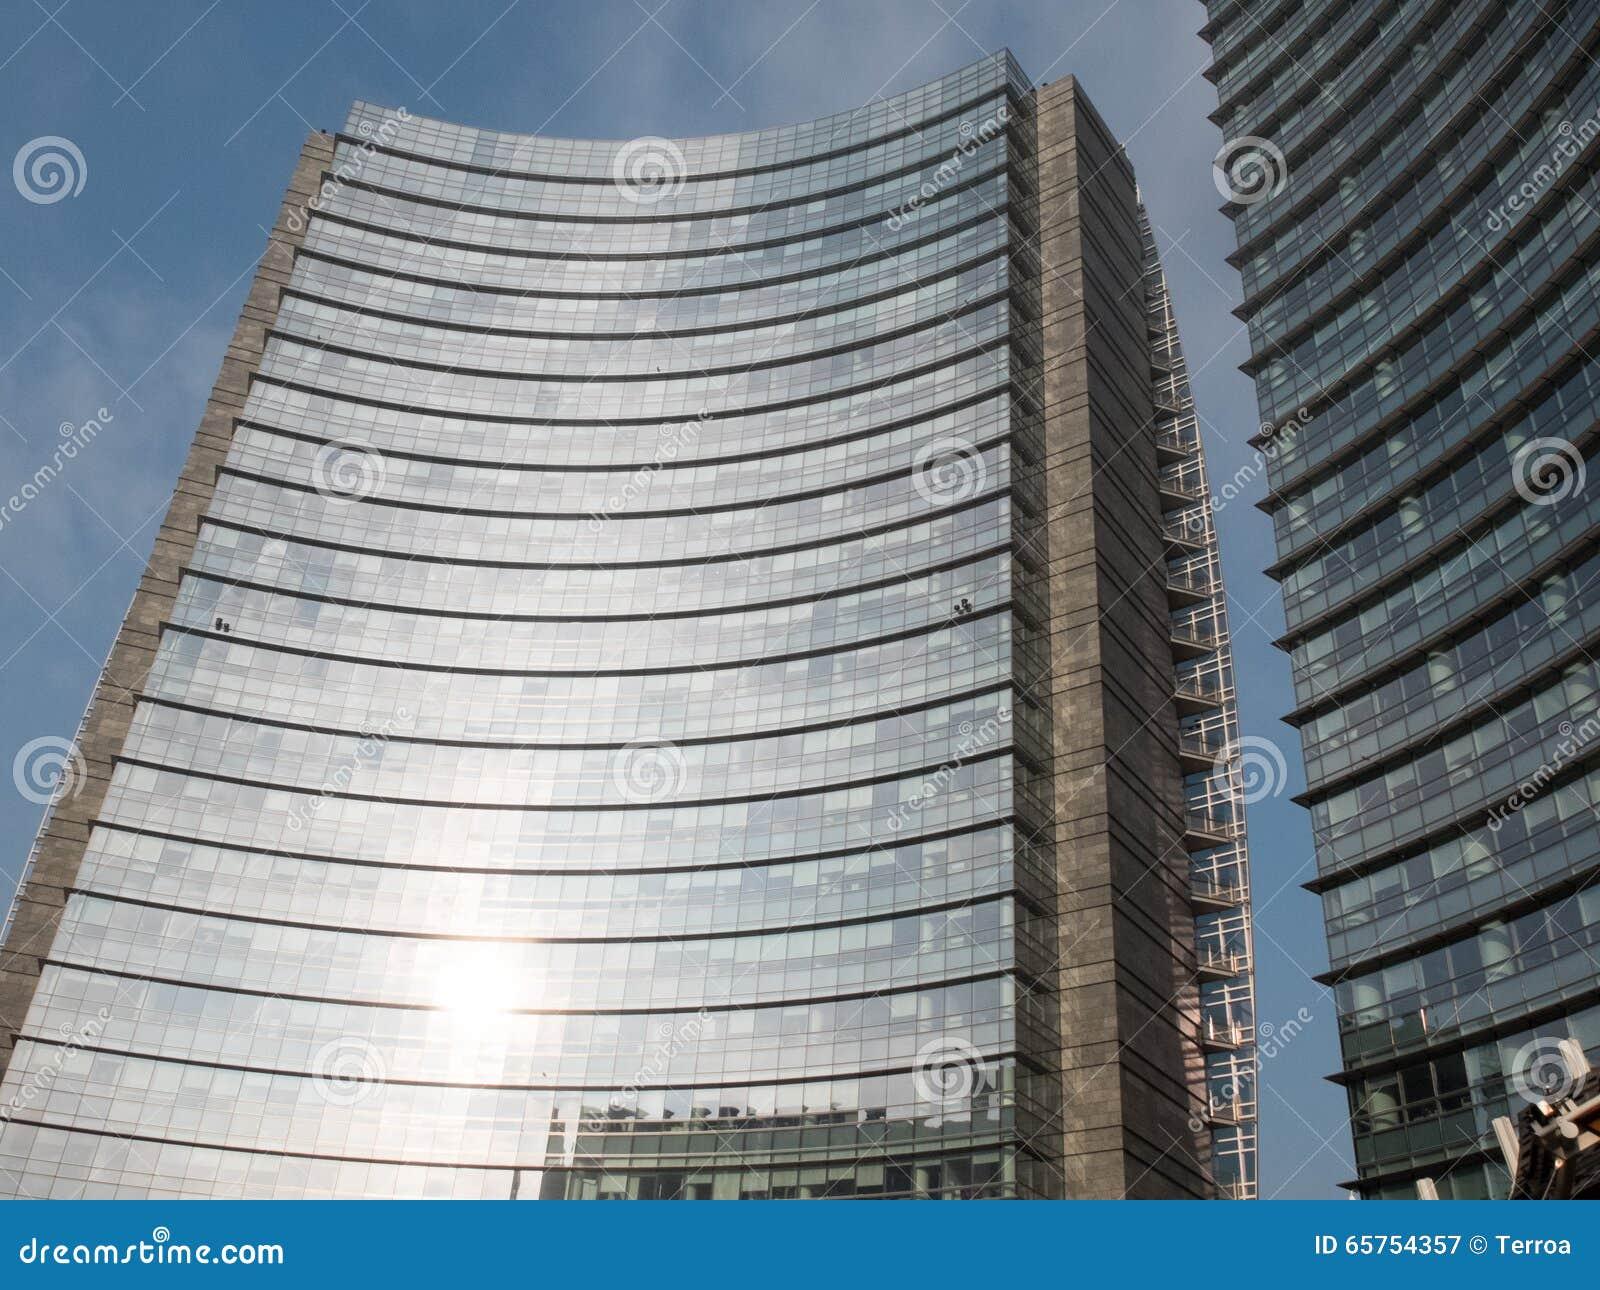 Modernes Buro Hoher Aufstieg Mit Gebogener Fassade Stockbild Bild